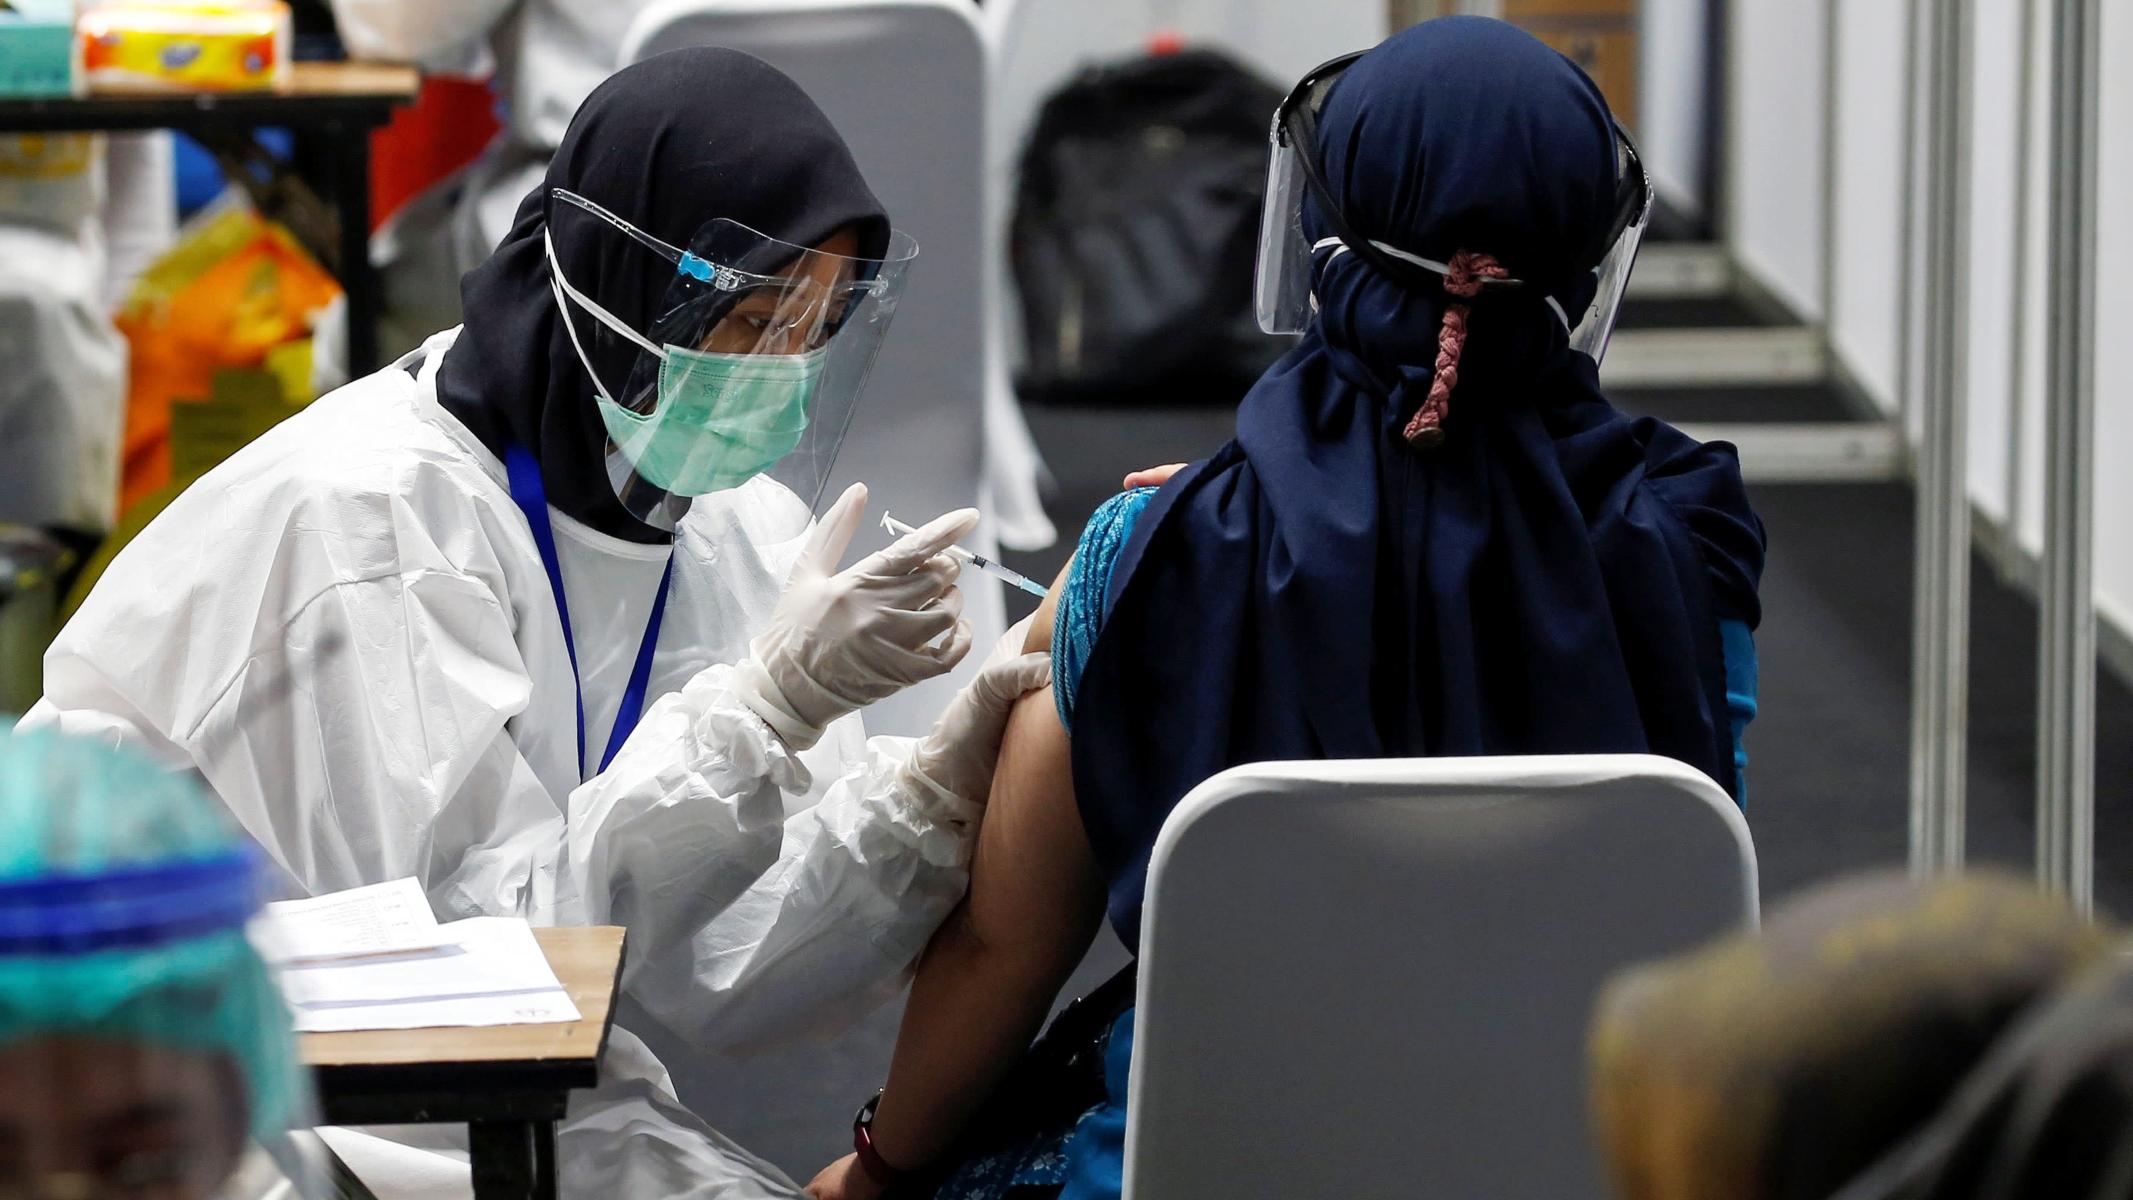 Ινδονησία κορωνοϊός: Εμβολιασμός 181 εκατομμυρίων ατόμων σε 15 μήνες